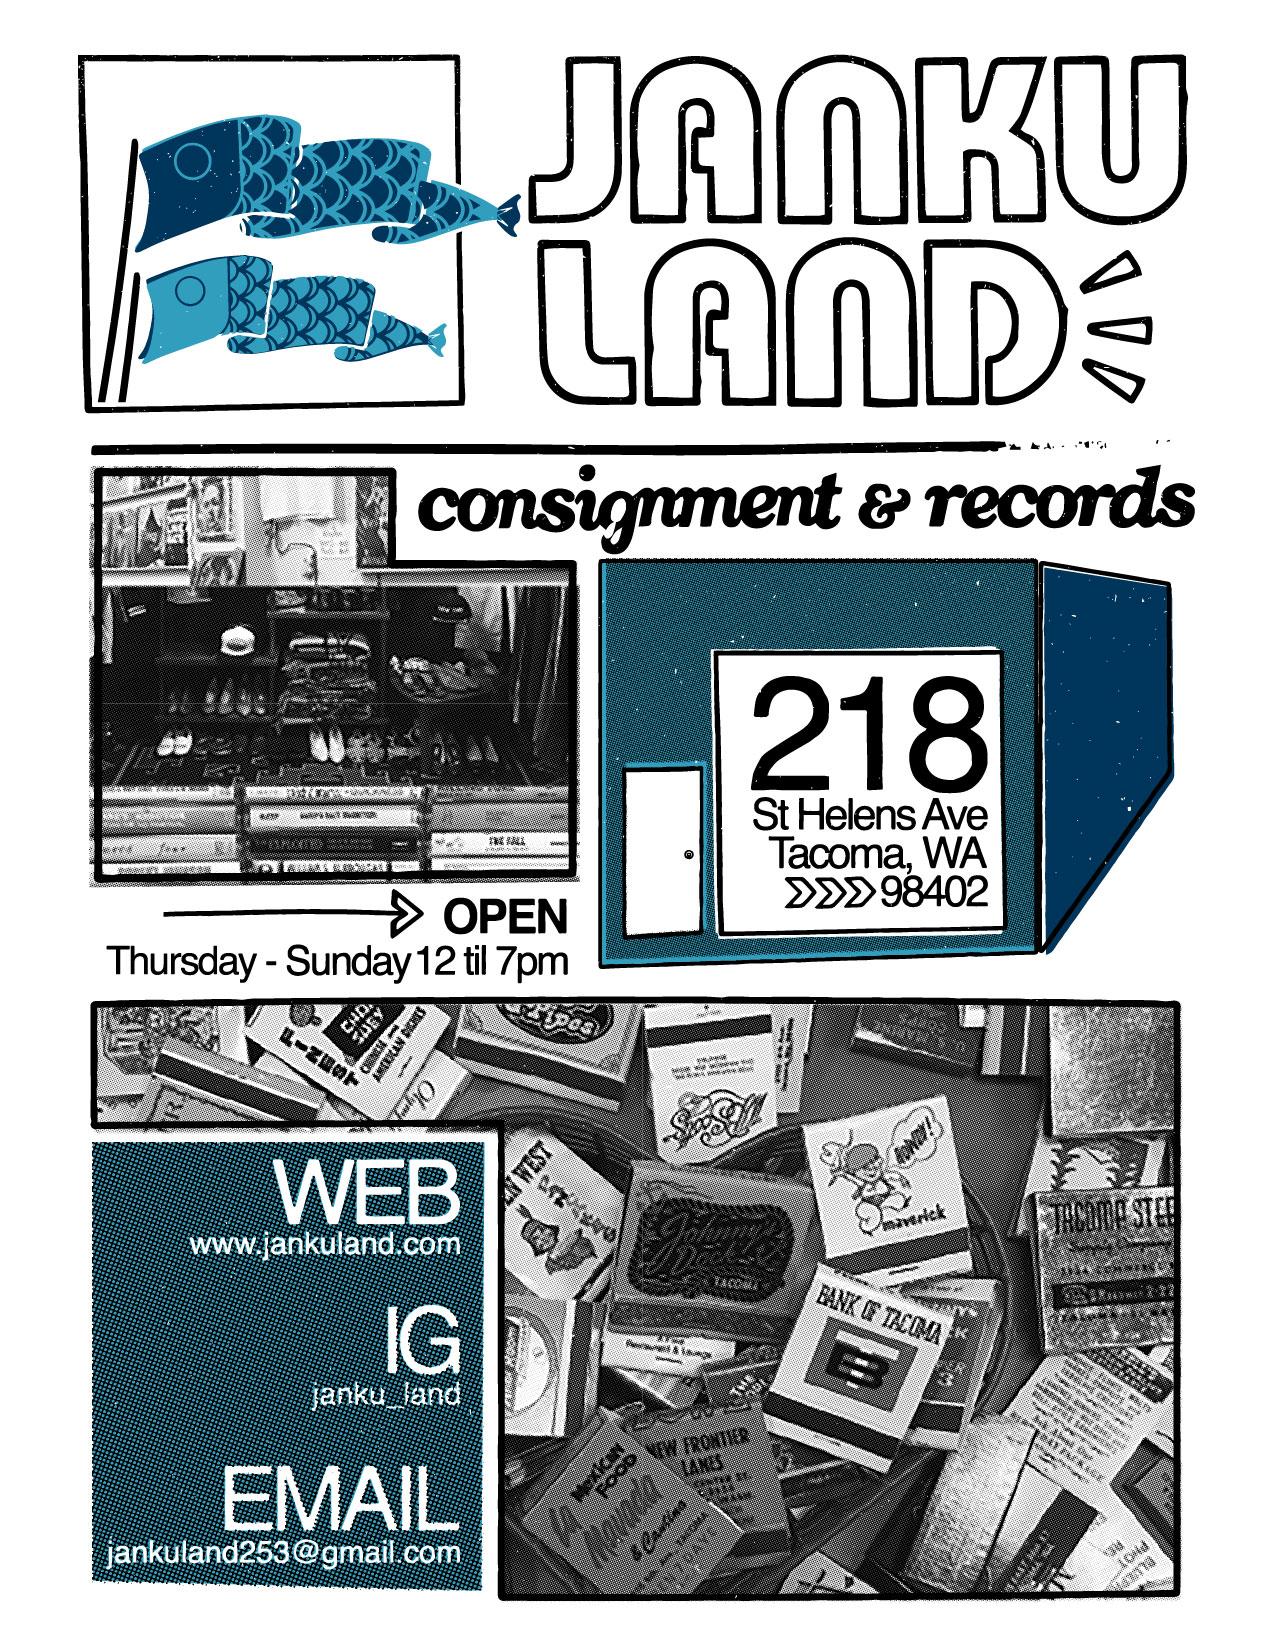 new-hours-handbill-01.jpg